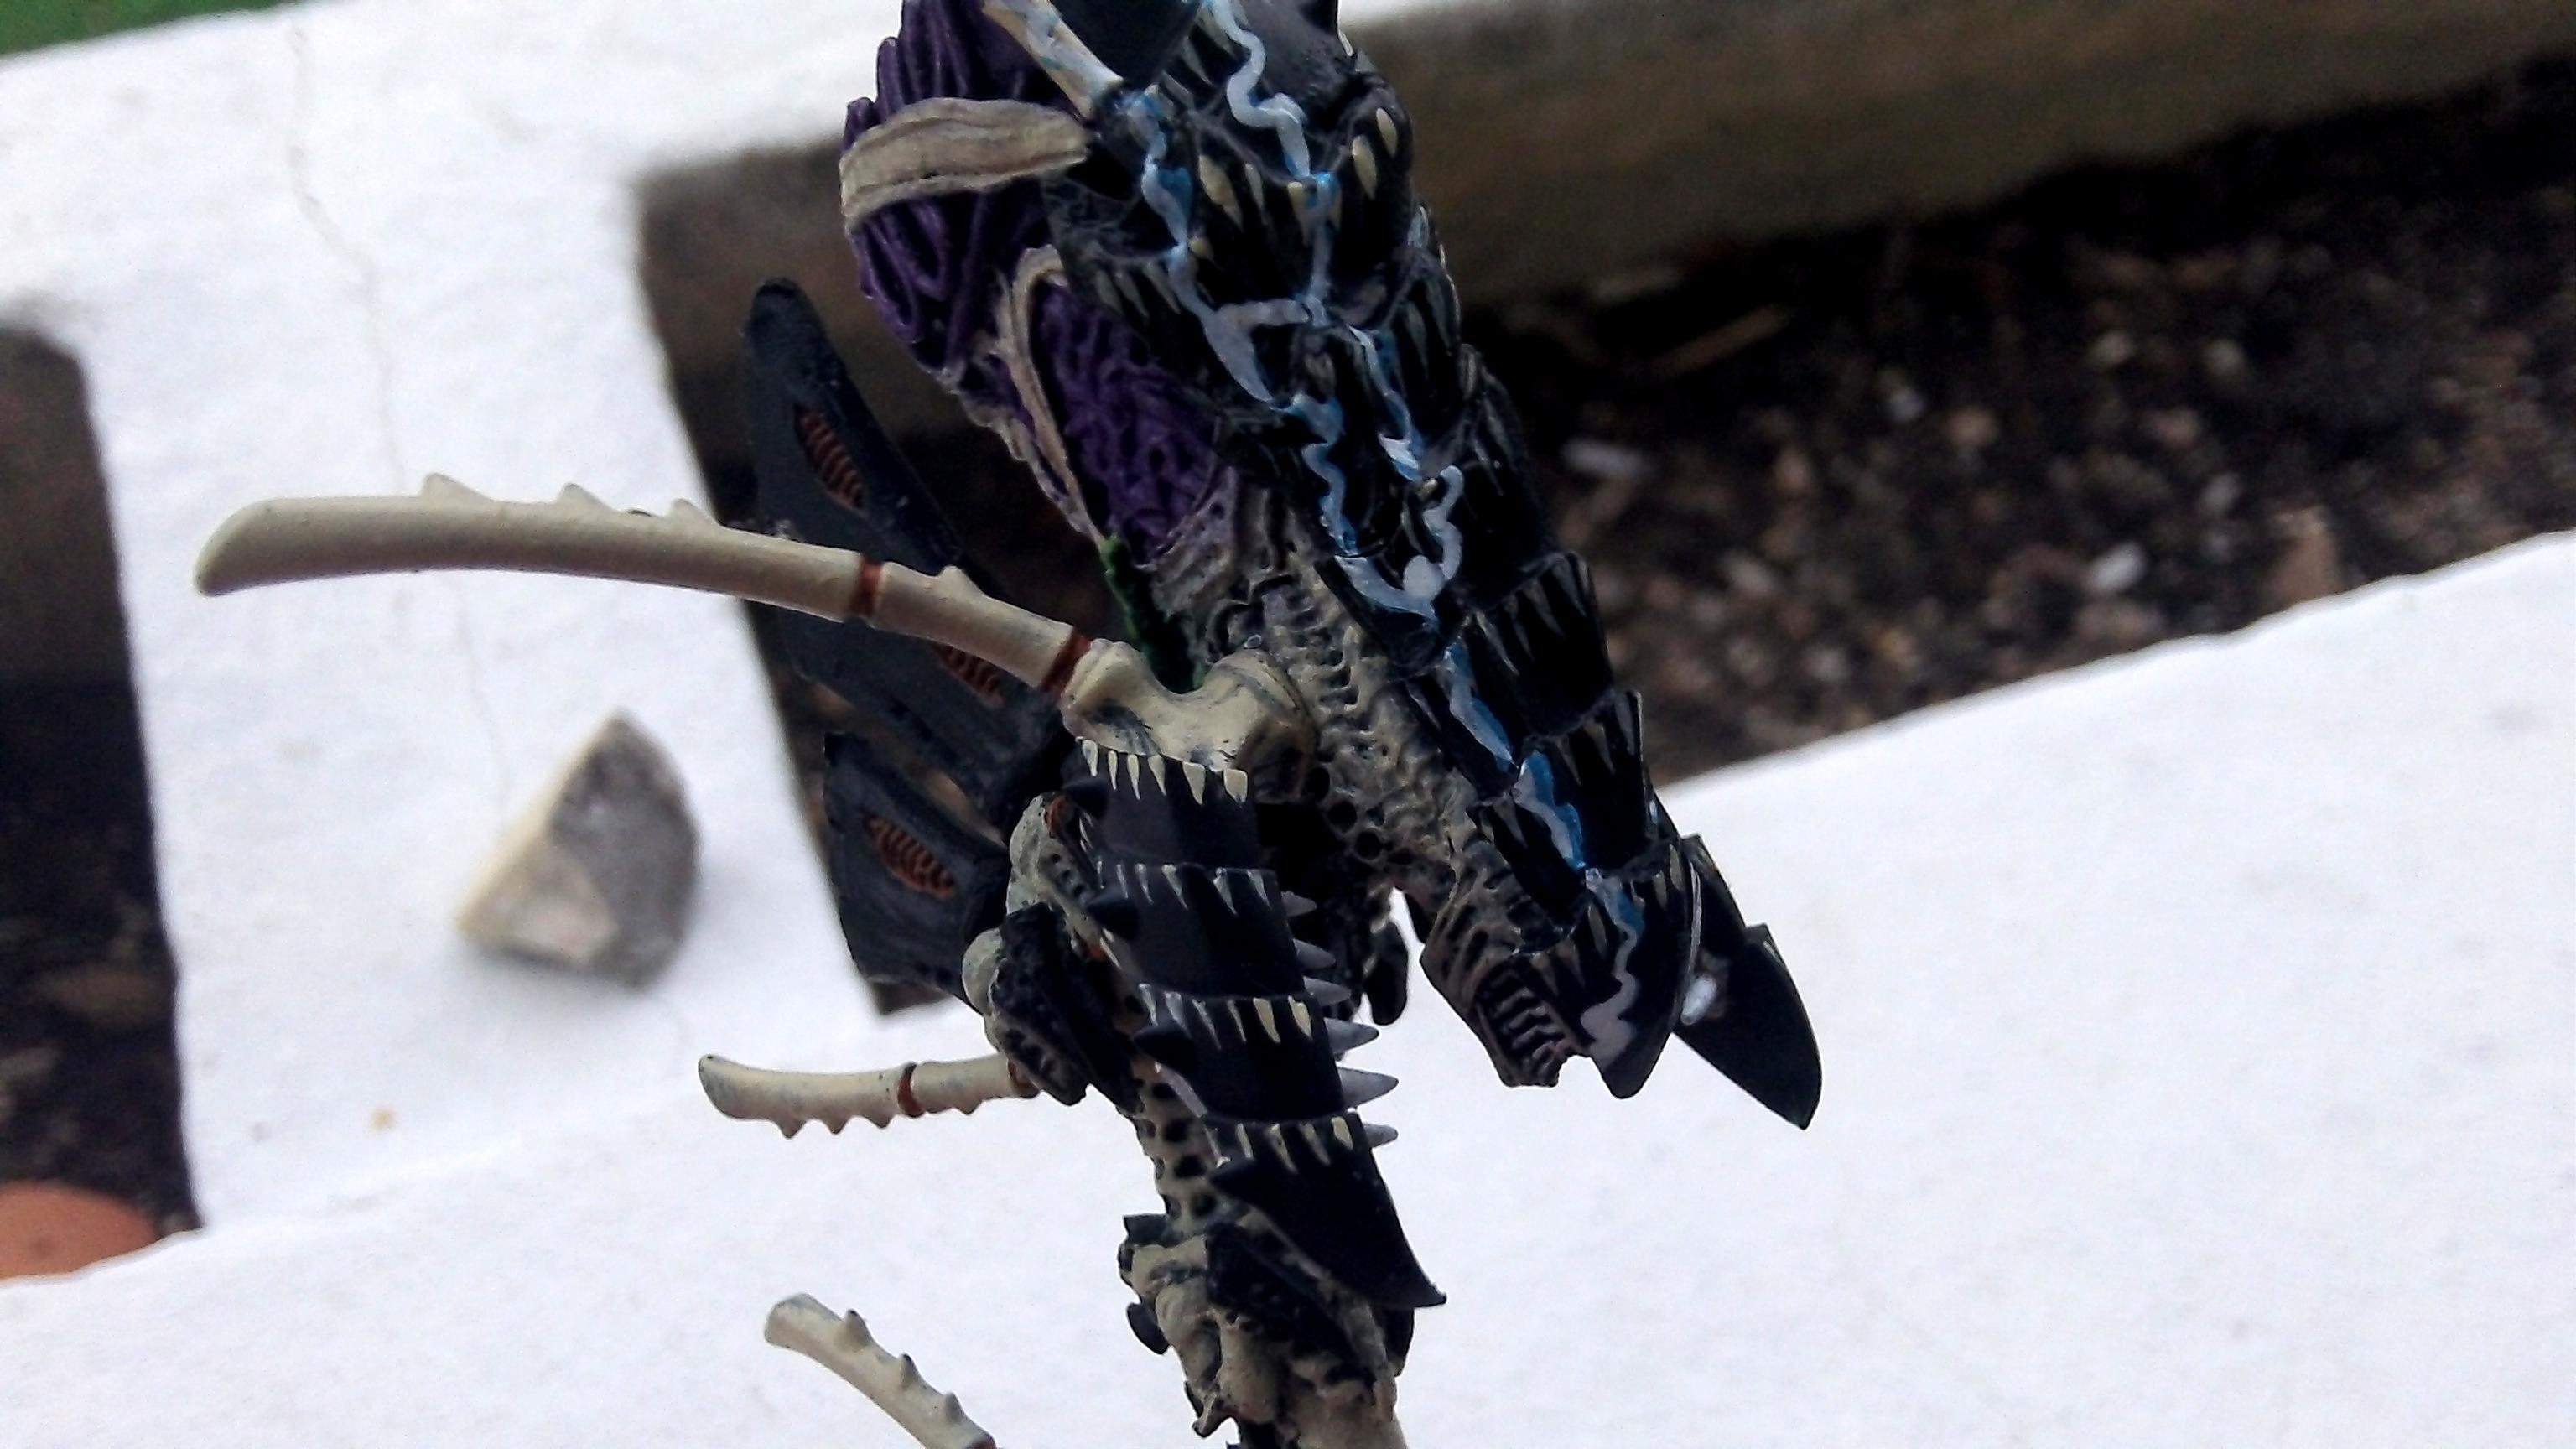 Tyranids, Doom of Malan 'Tai